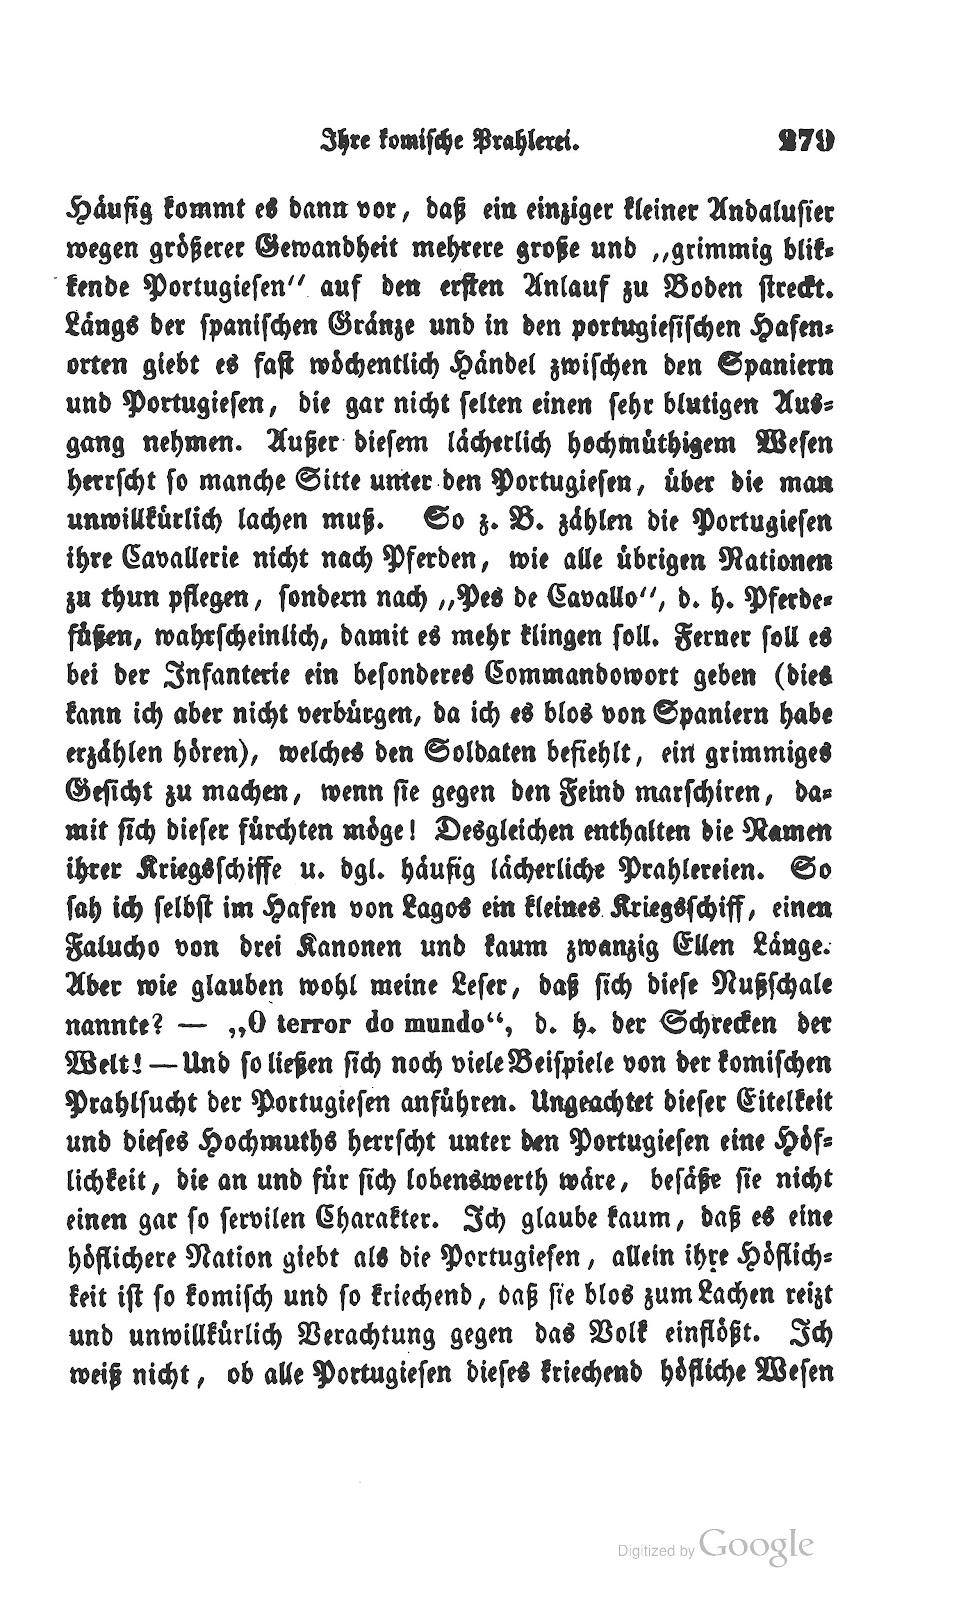 WIllkomm - 10. Kapitel Pages from Zwei_Jahre_in_Spanien_und_Portugal(3)_Page_21.jpg